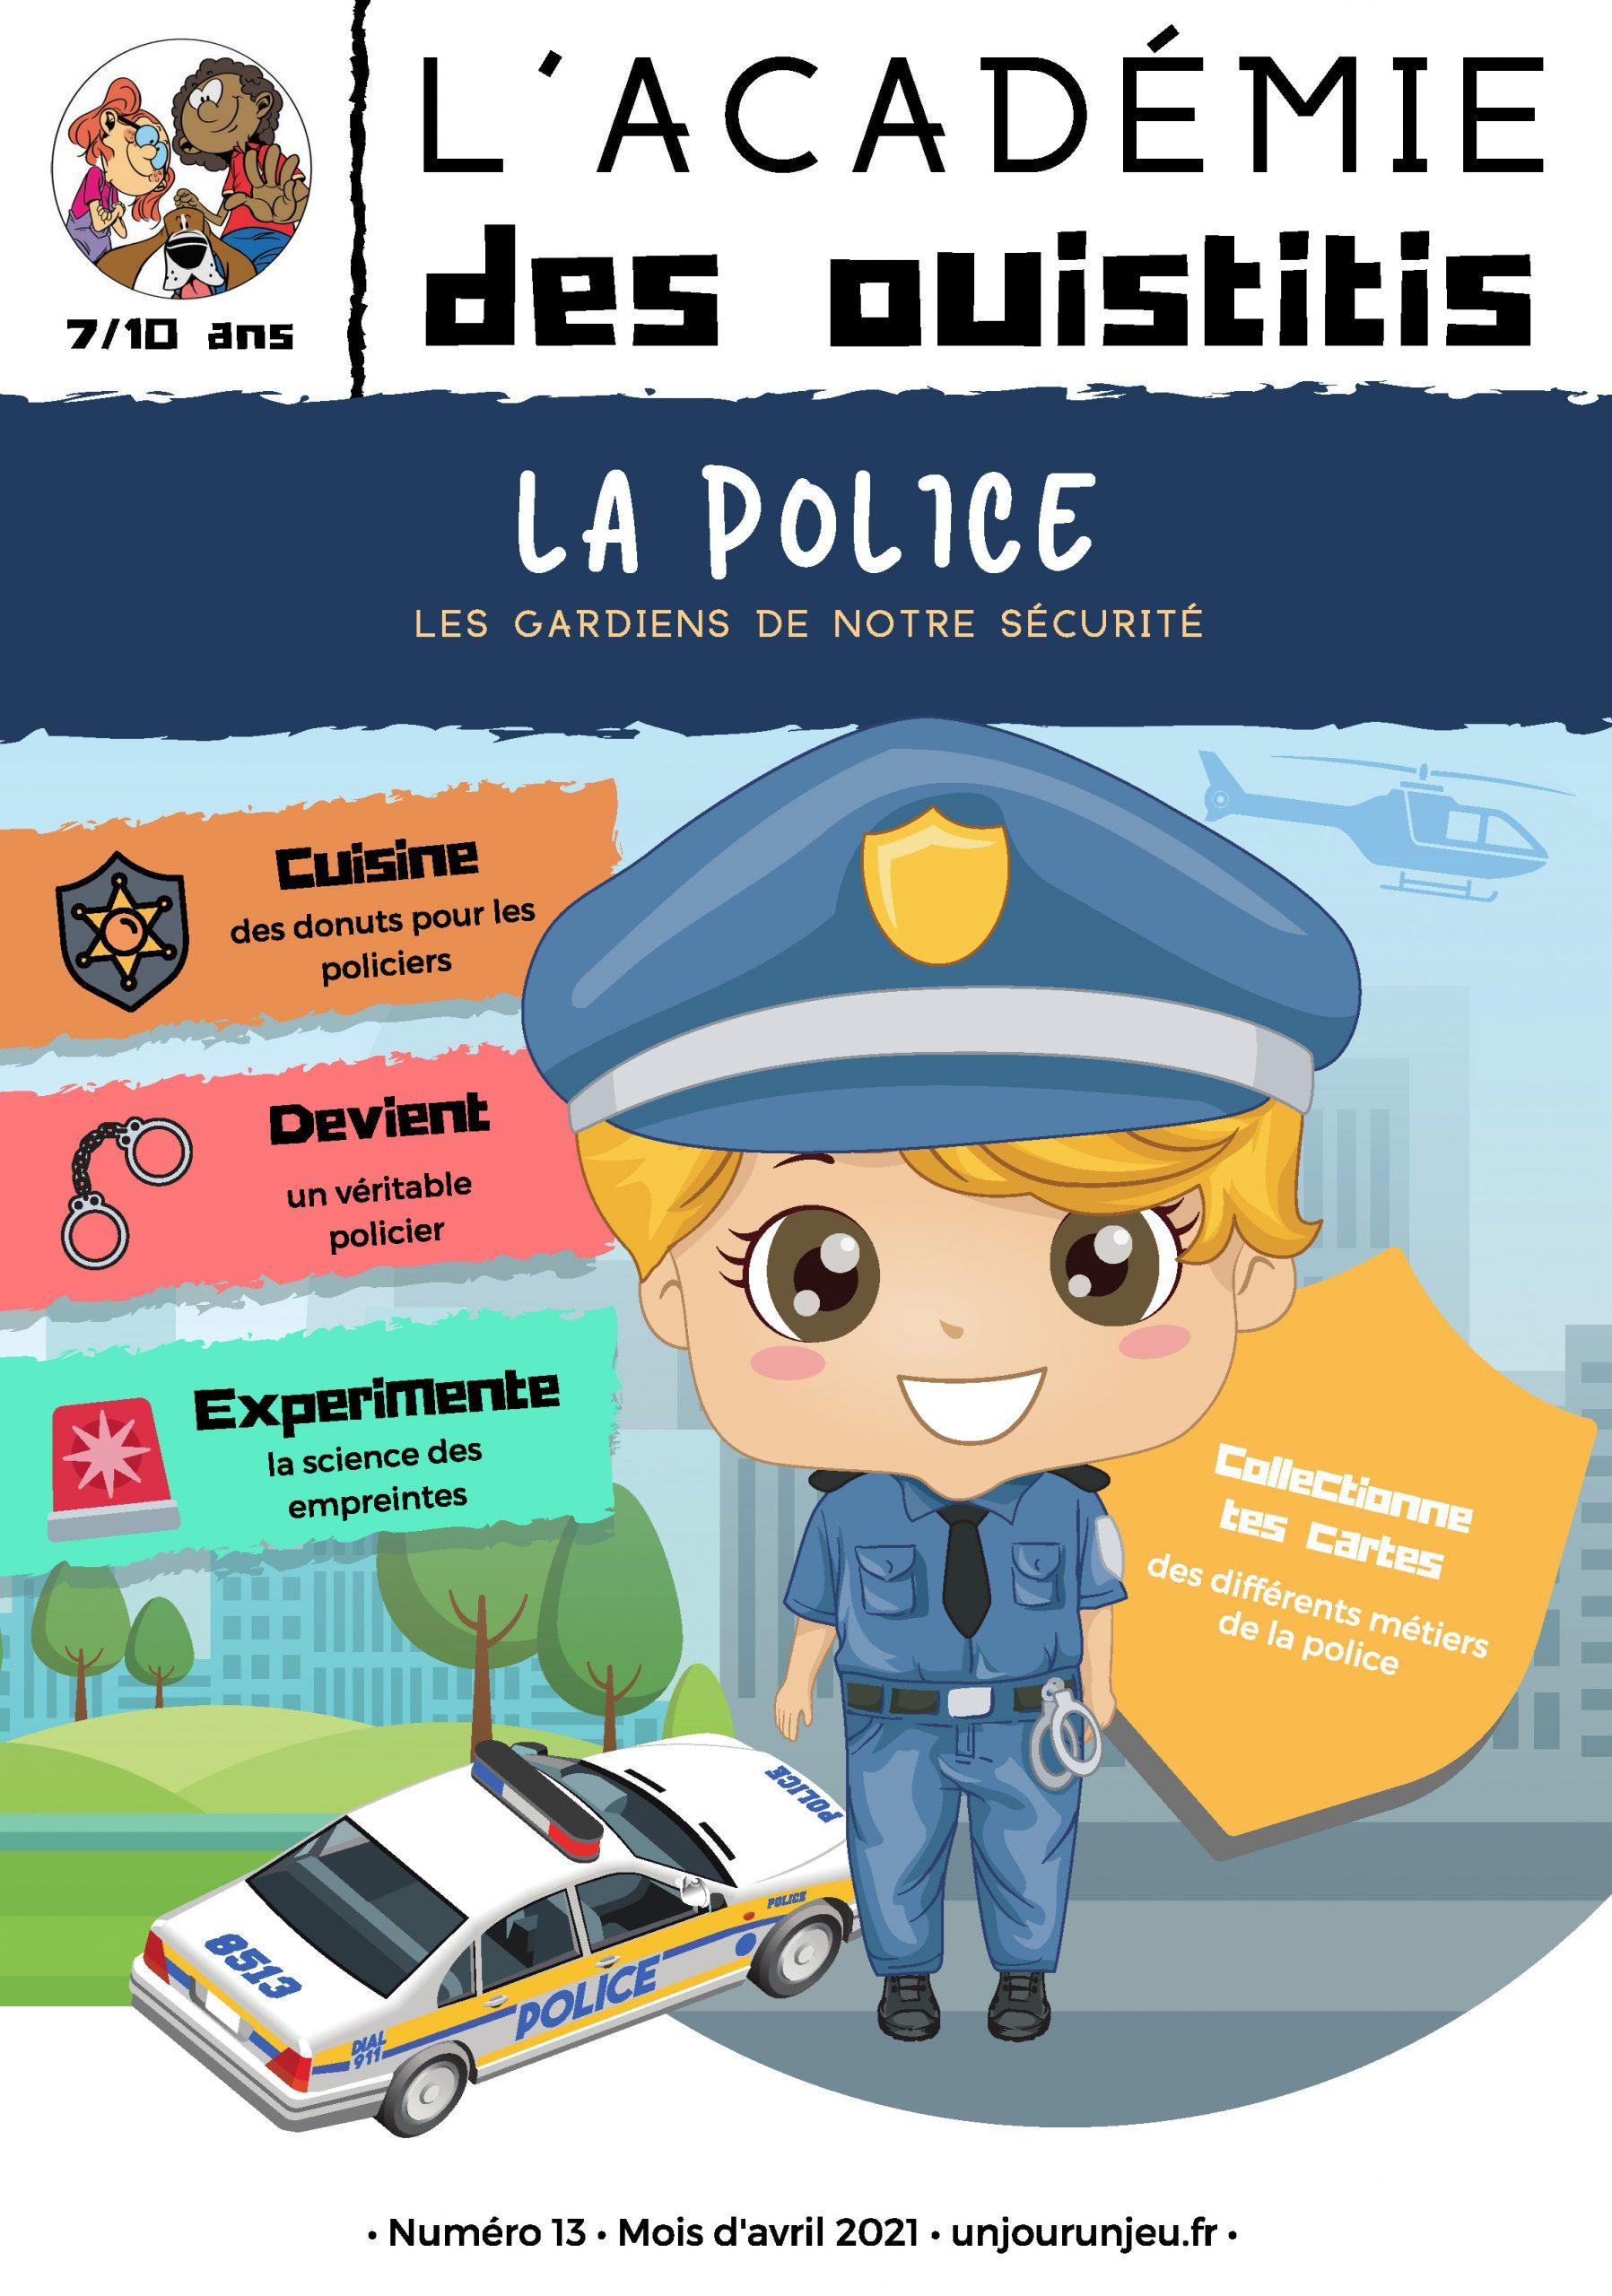 L'Academie des Ouistitis et la police